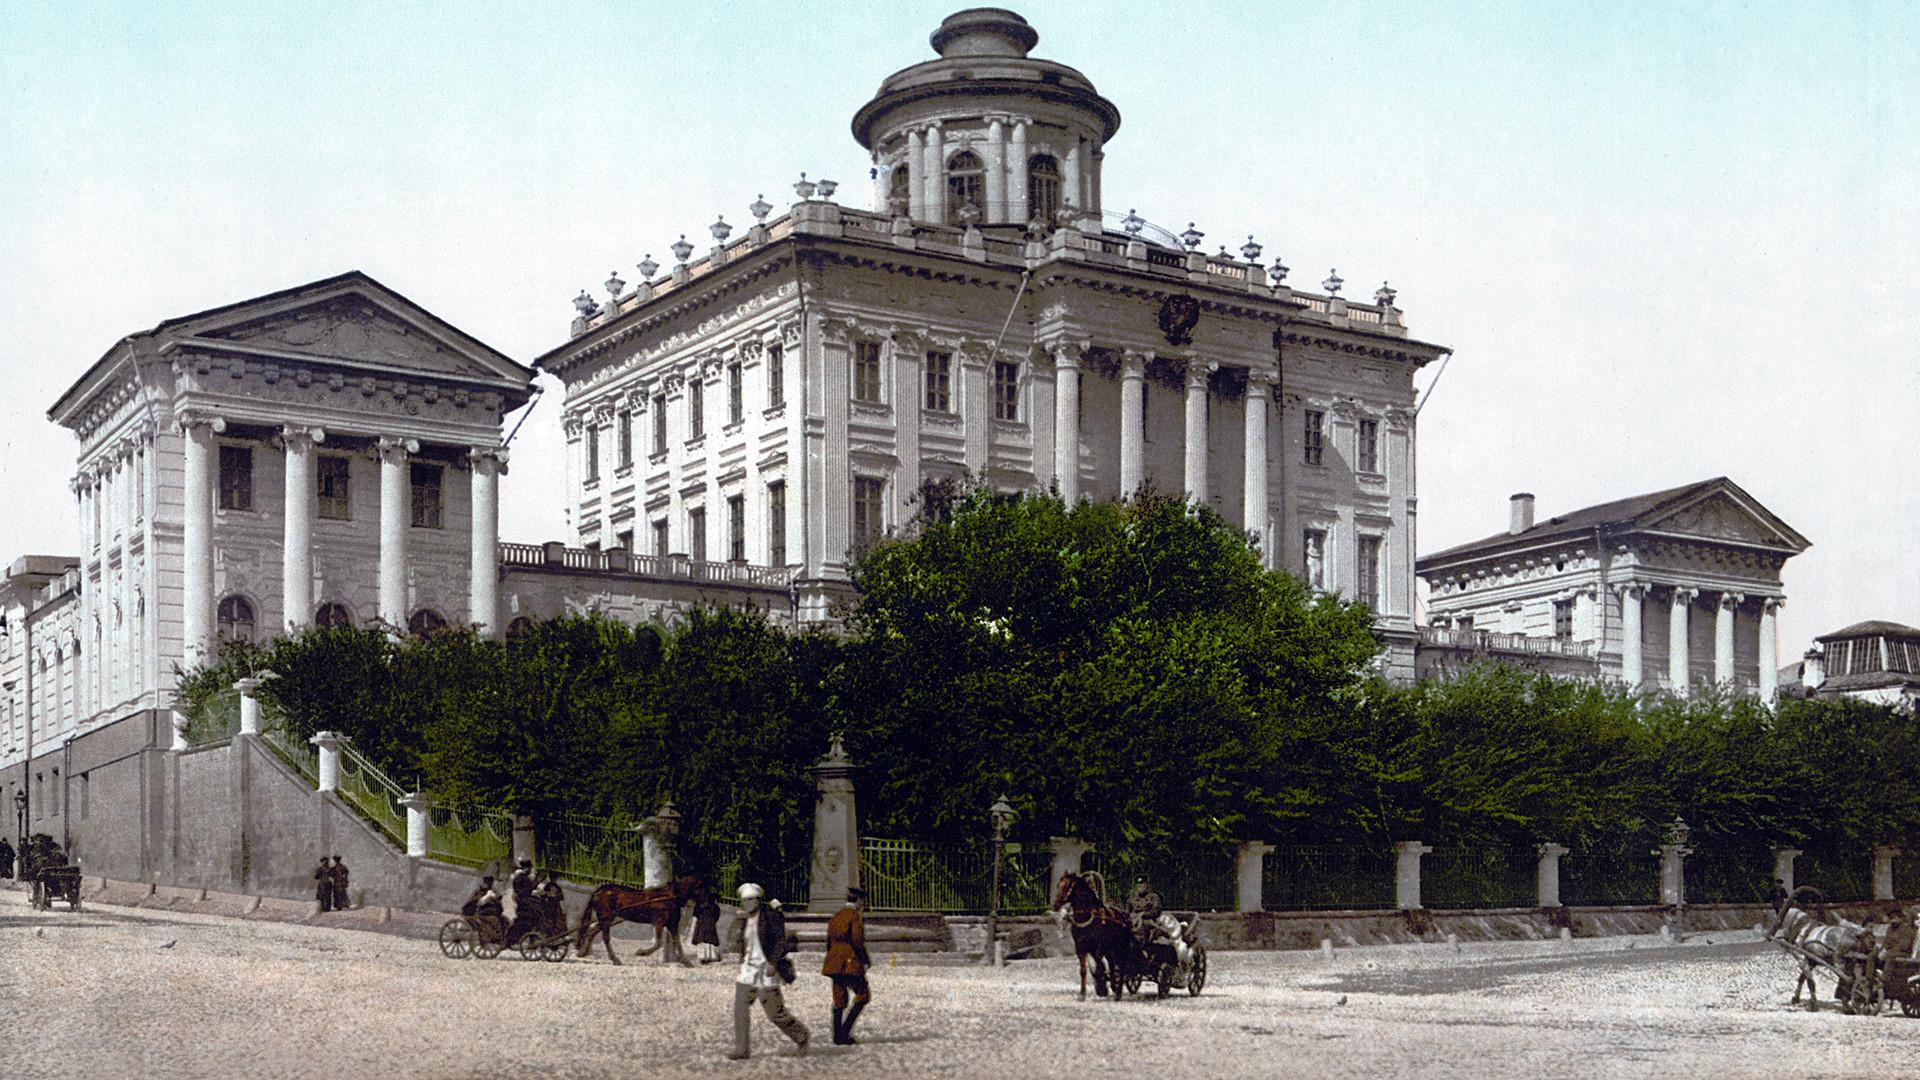 Kuća Paškov, razglednica iz 19. stoljeća.